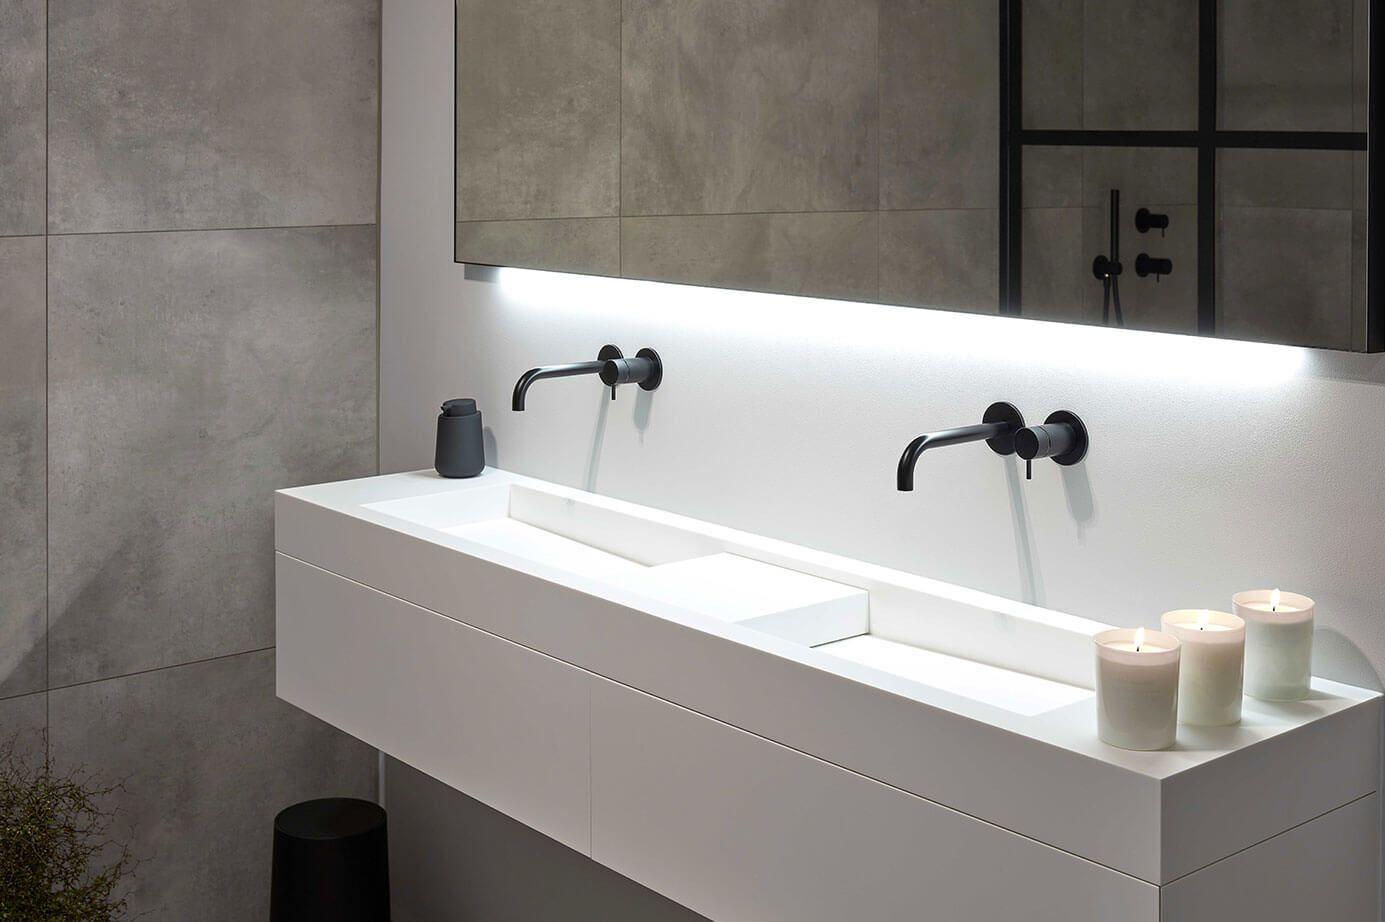 Badkamermeubel Appelscha Kies Voor Het Beste Tiz Design Badkamermeubel Badkamer Design Badkamer